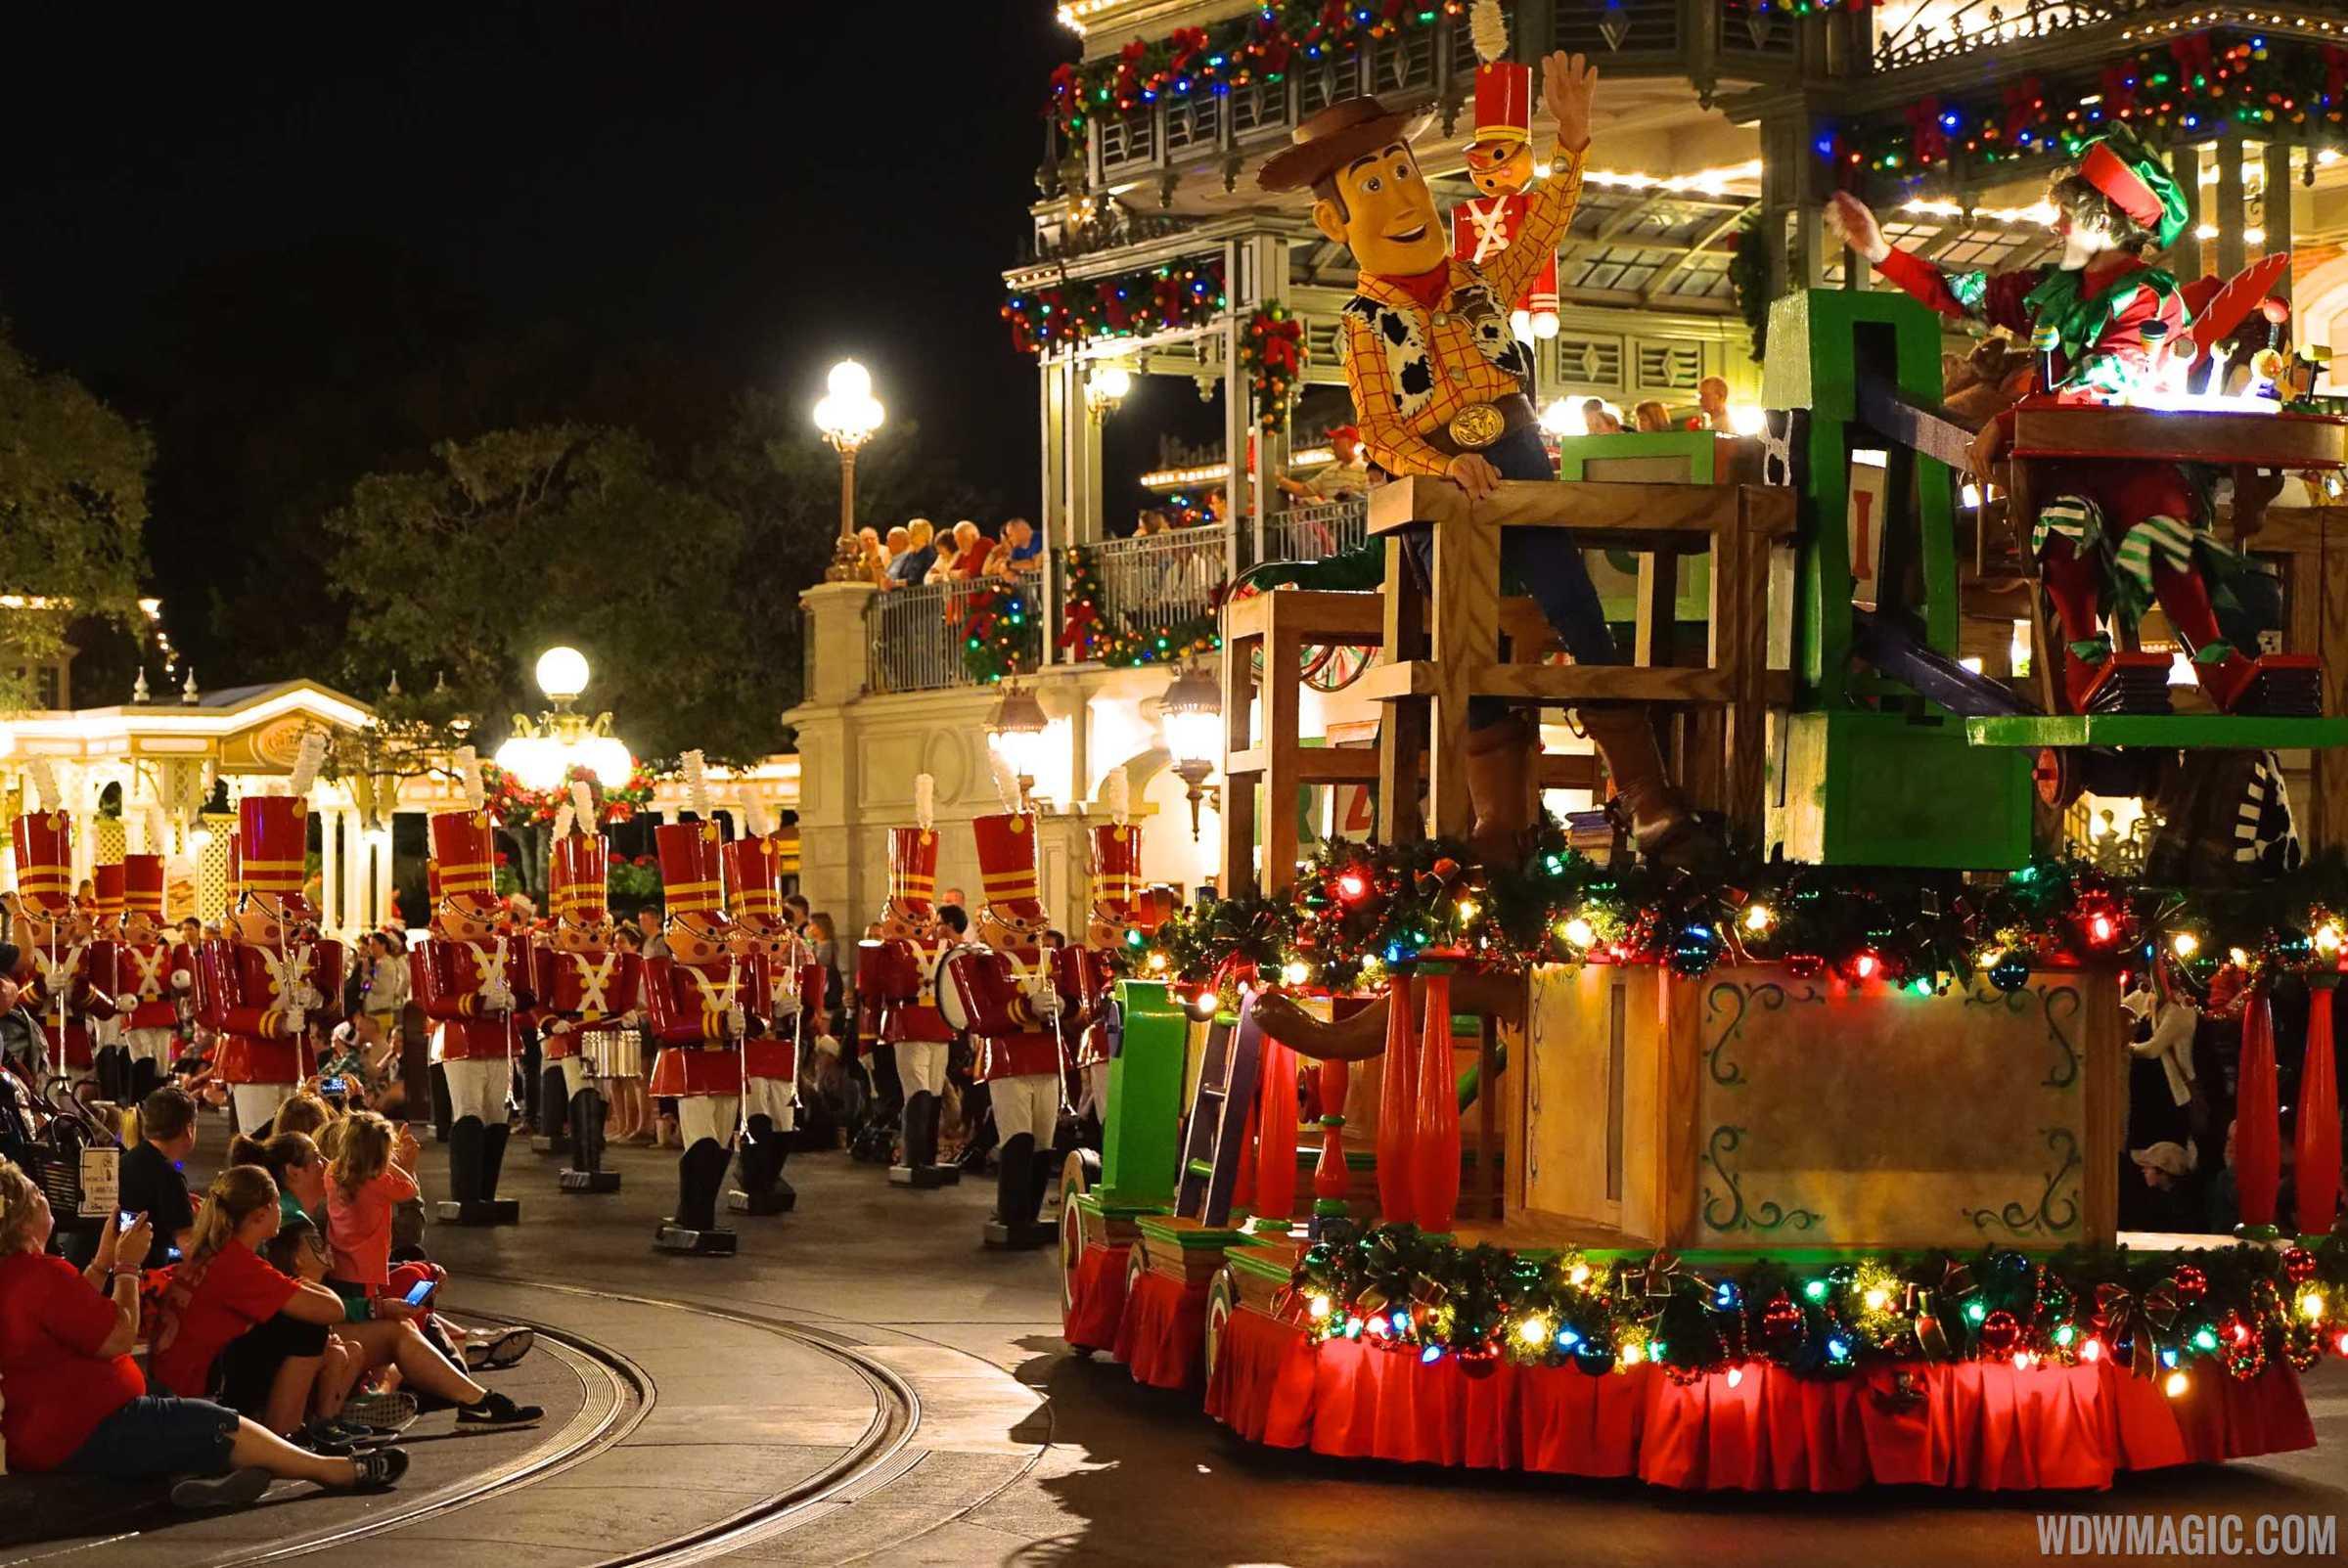 walt disney world christmas day parade 2004 - Disney Christmas Day Parade